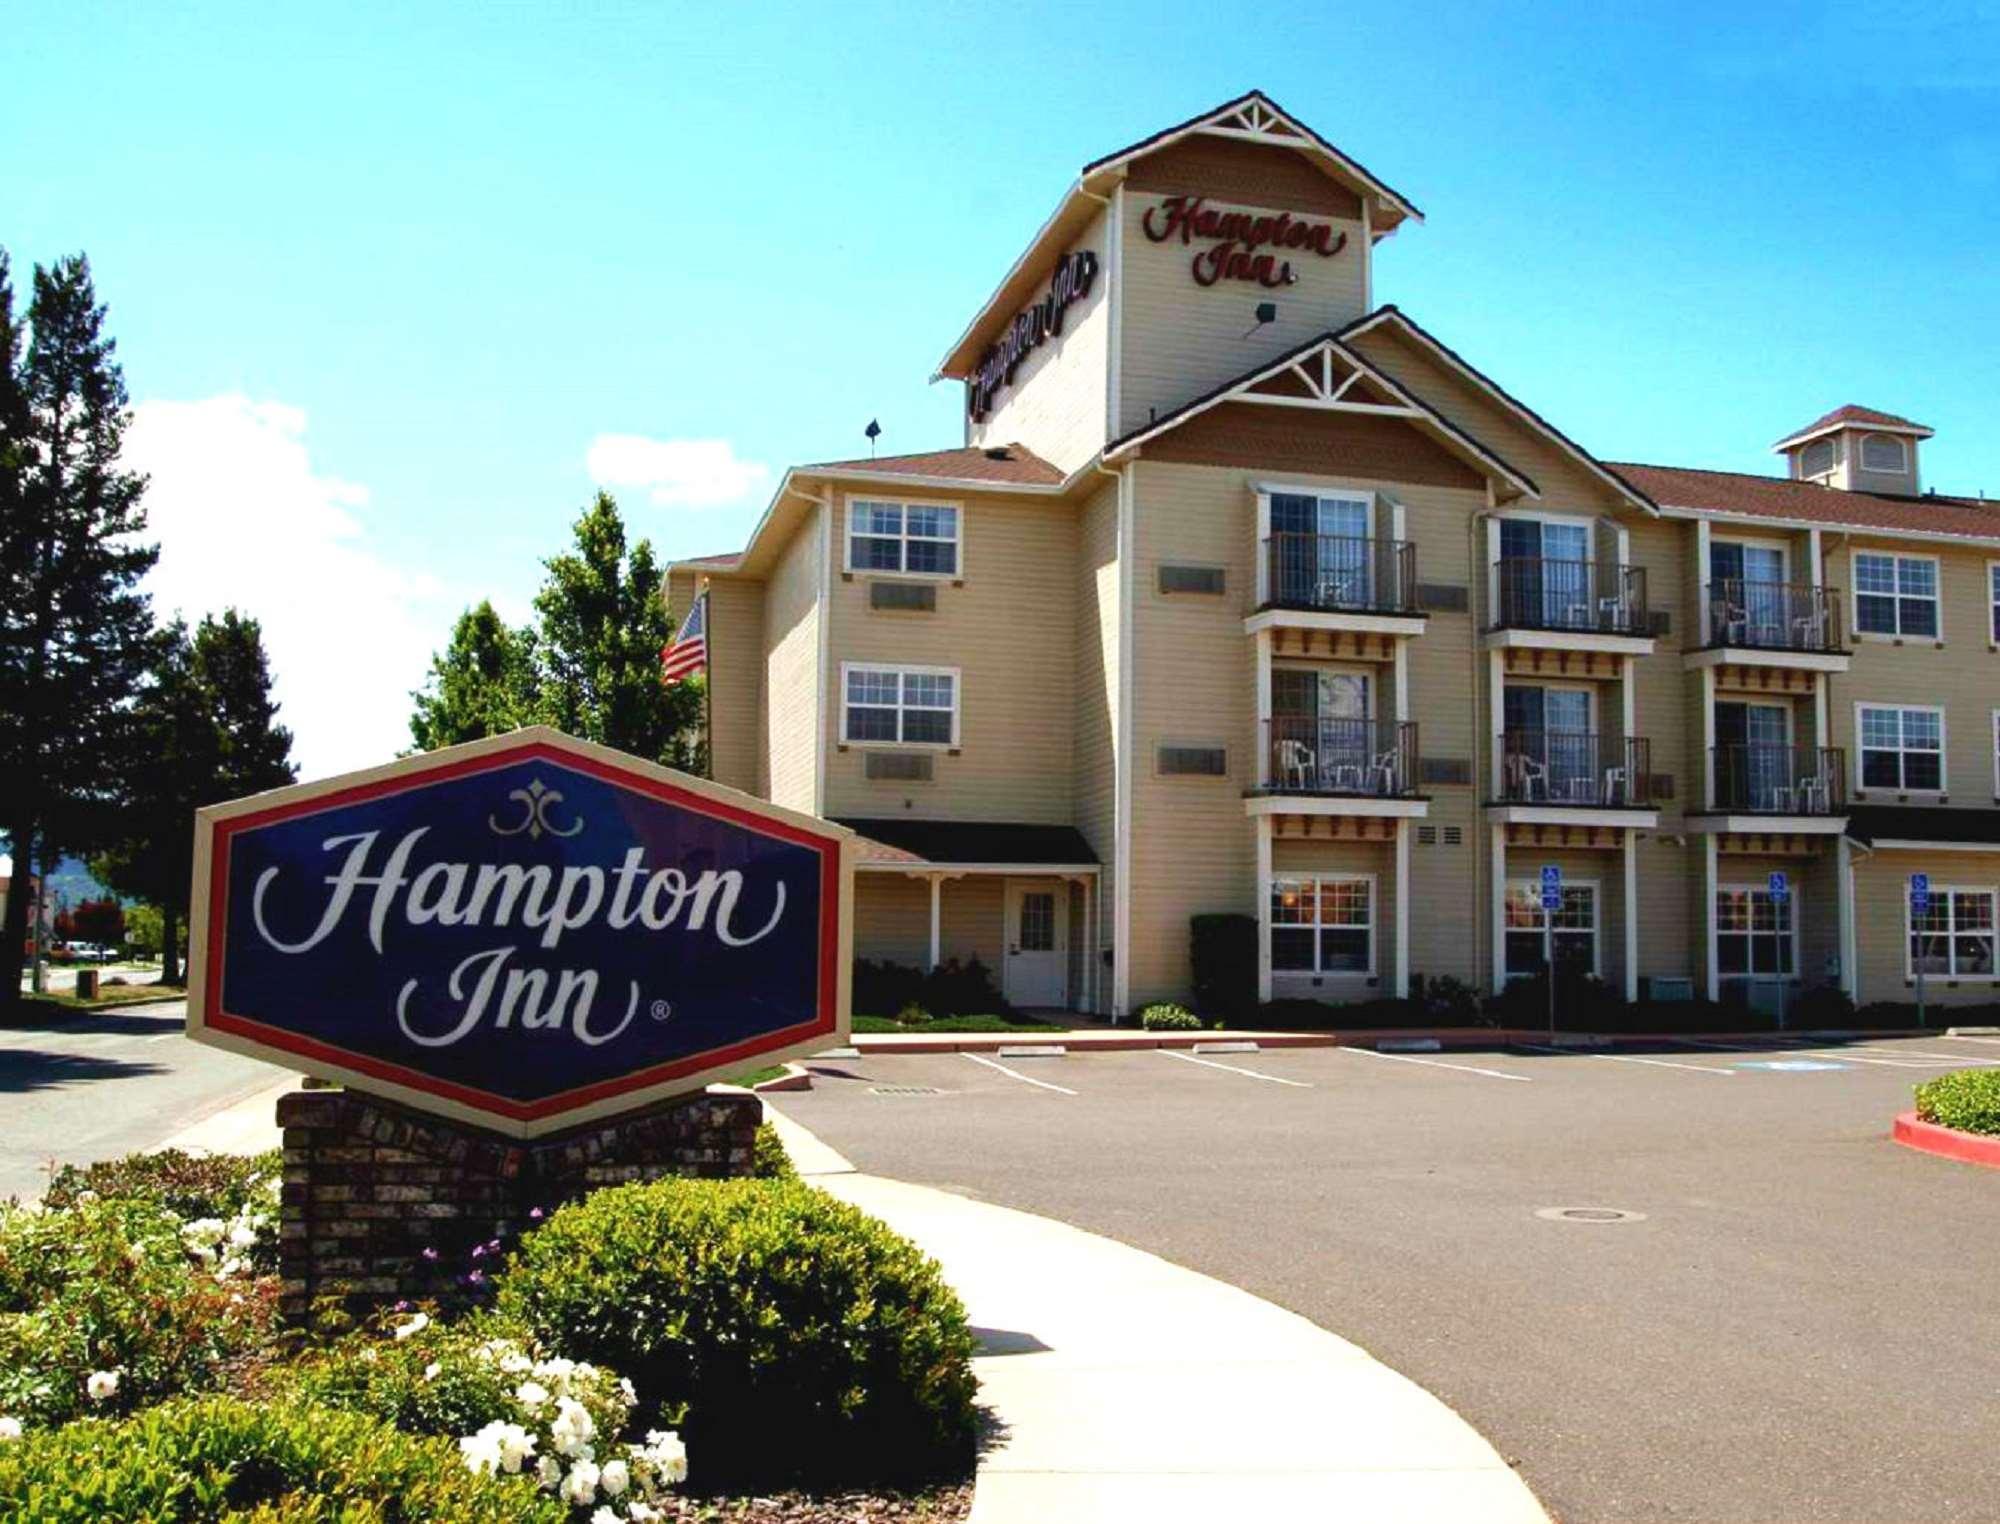 Hampton Inn Ukiah, Mendocino